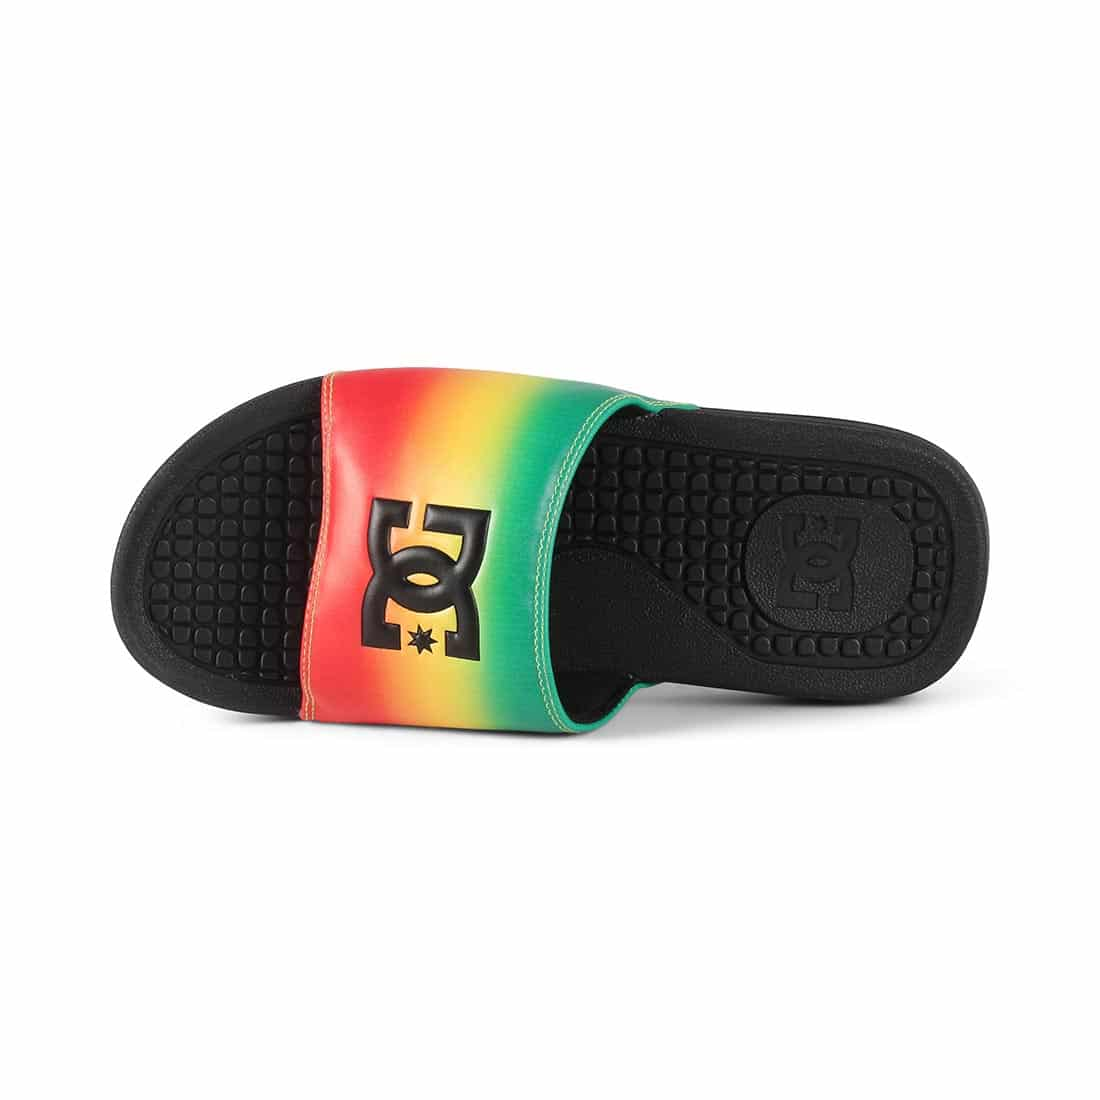 DC Bolsa SP Slider Sandals - Rasta